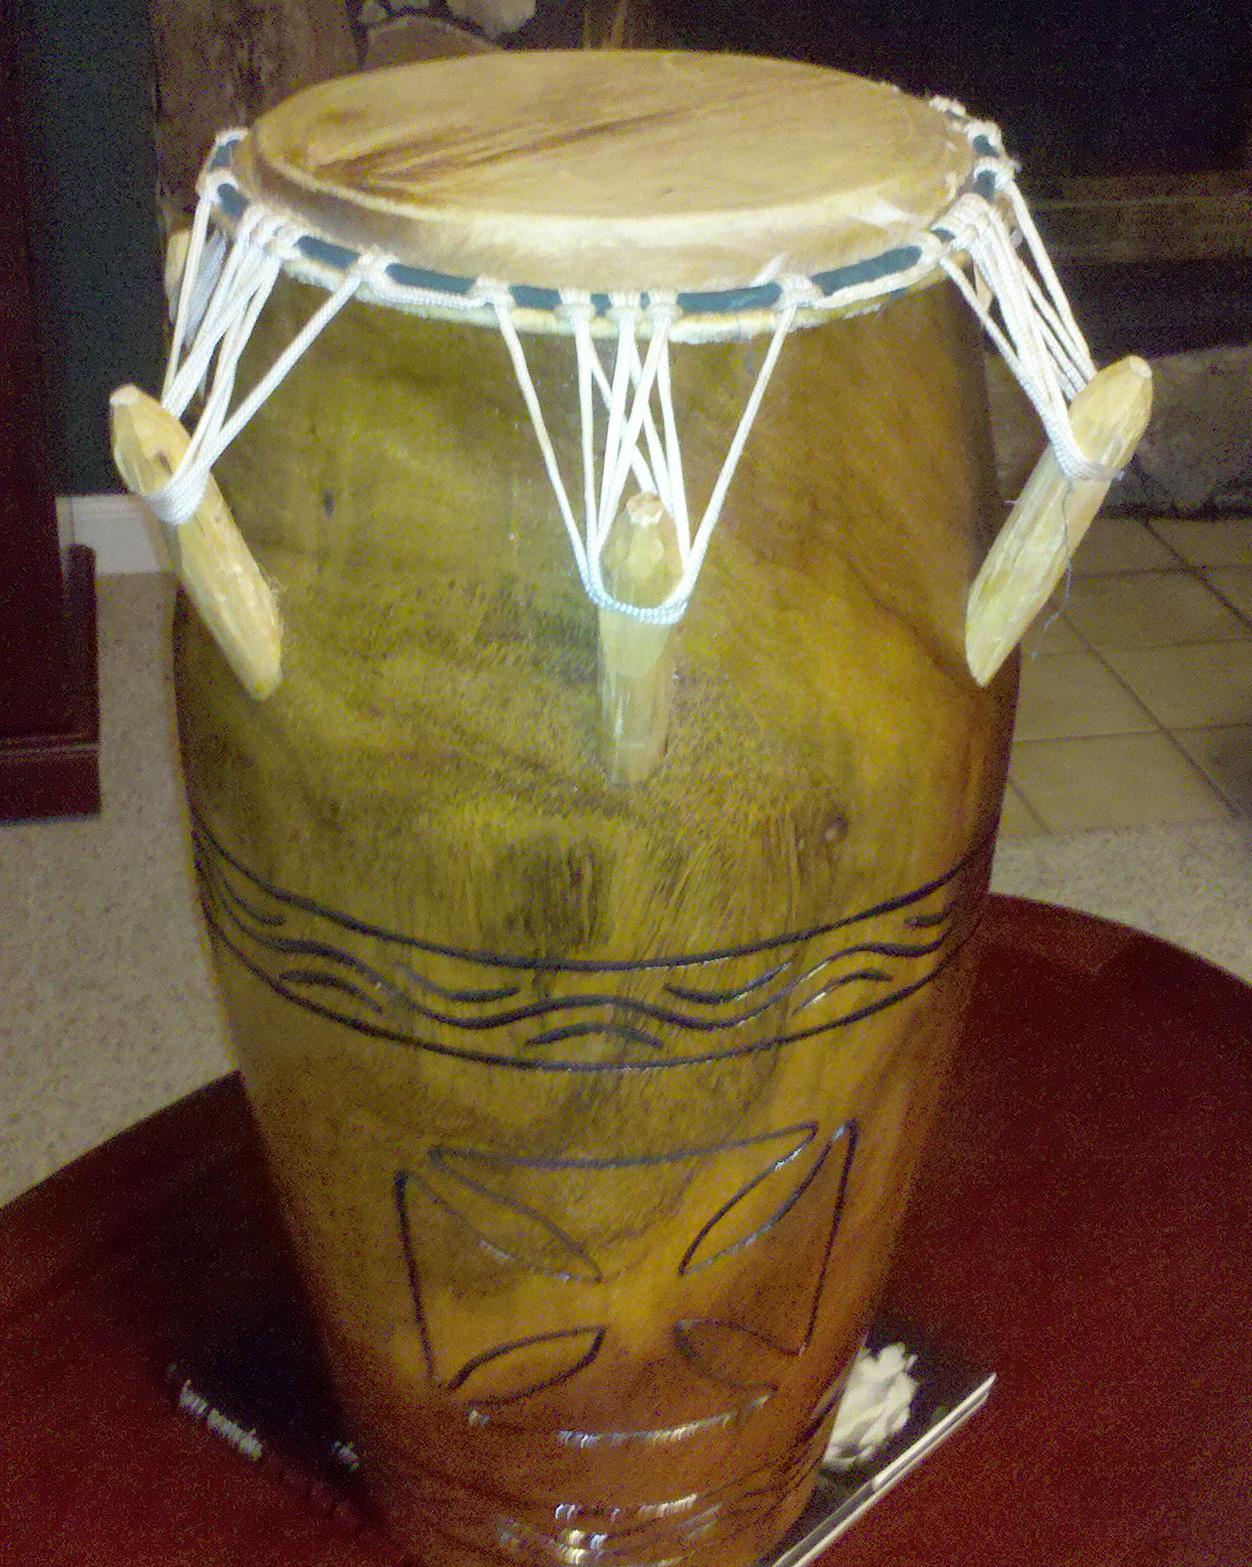 2010-06-1623.07.25.jpg - African Drum